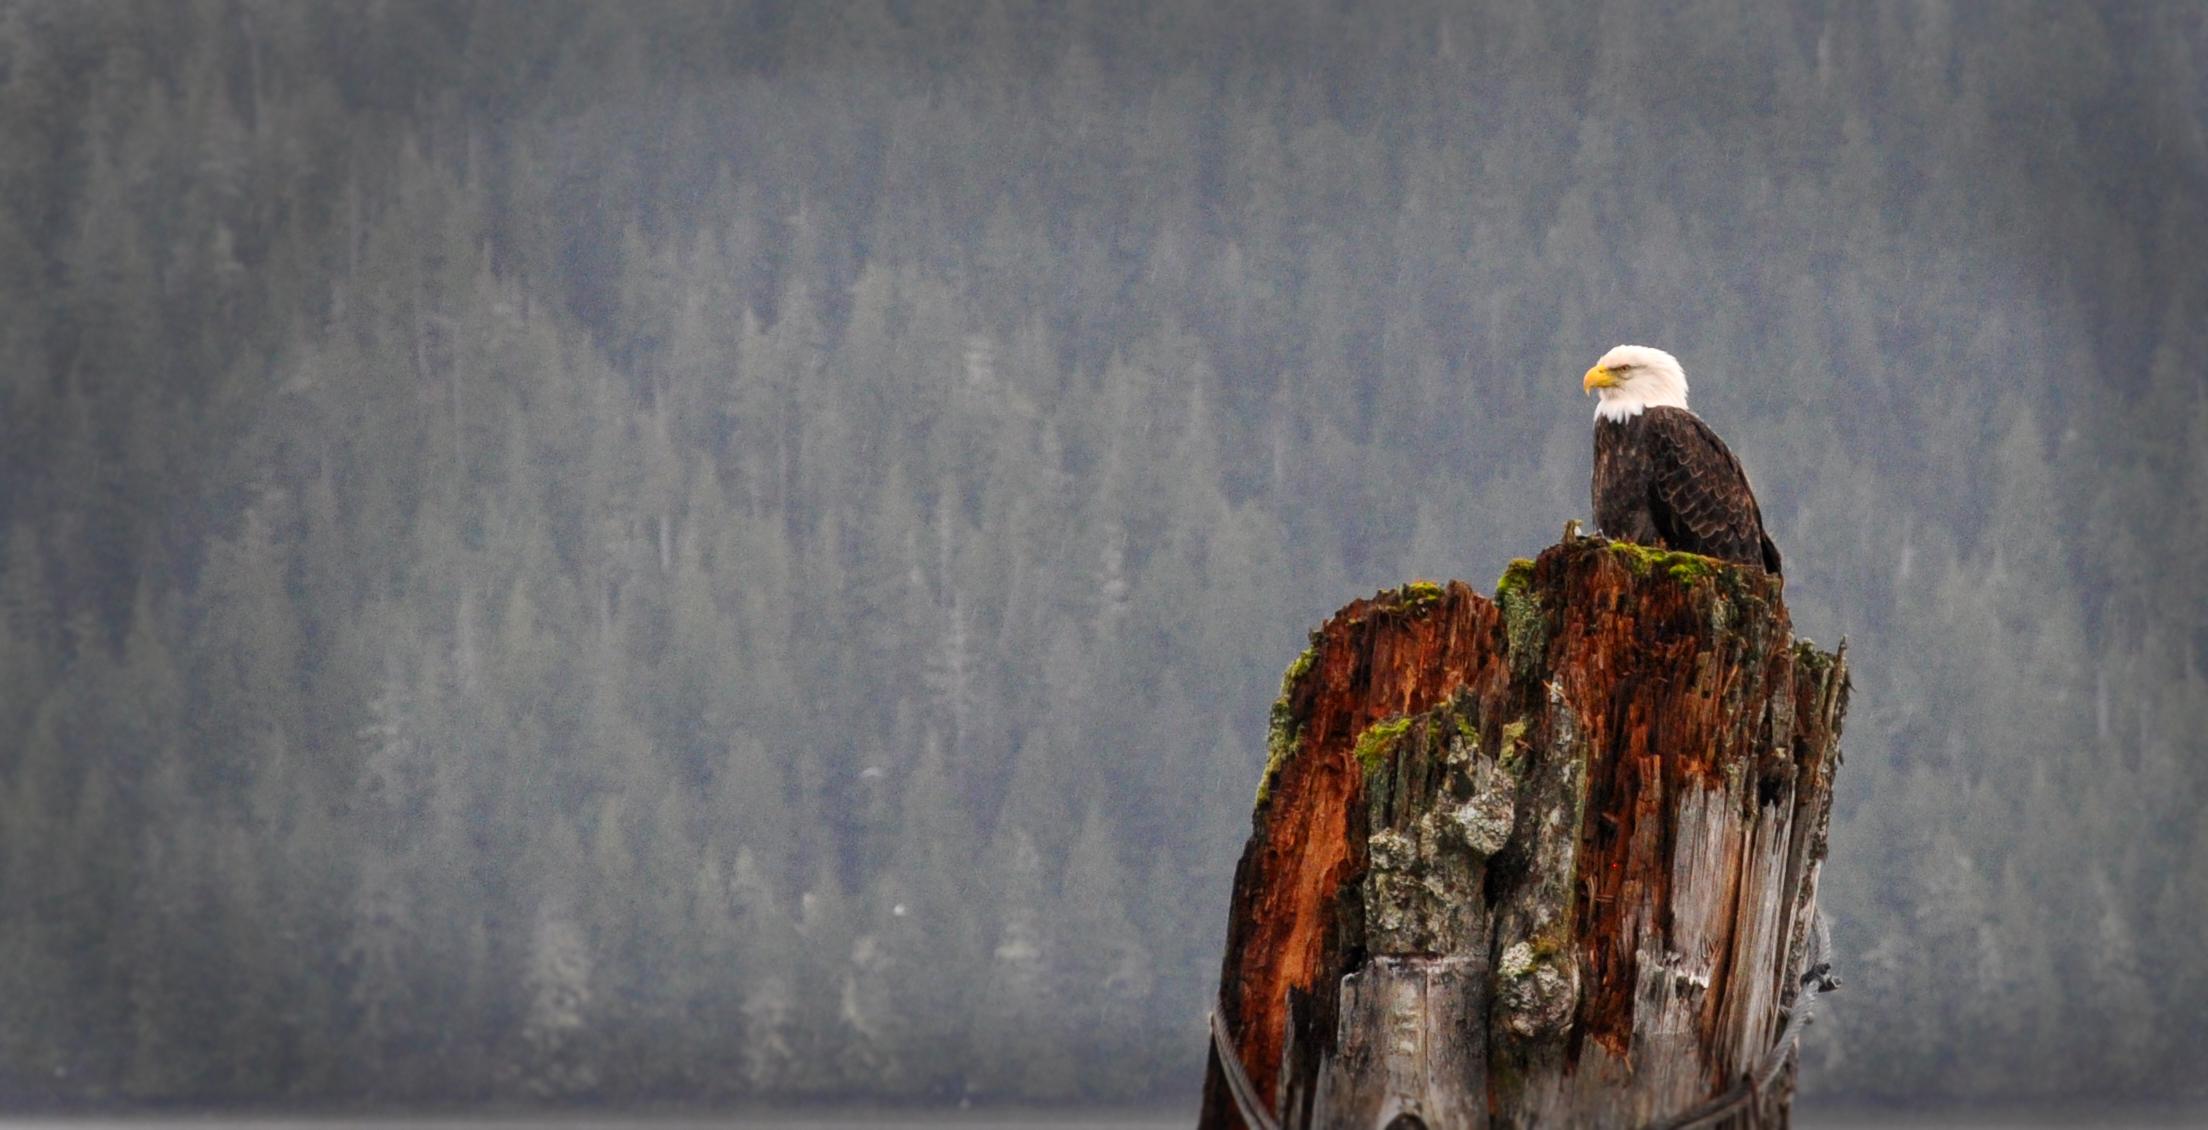 kitsumkalum-skeena-river-eagle2